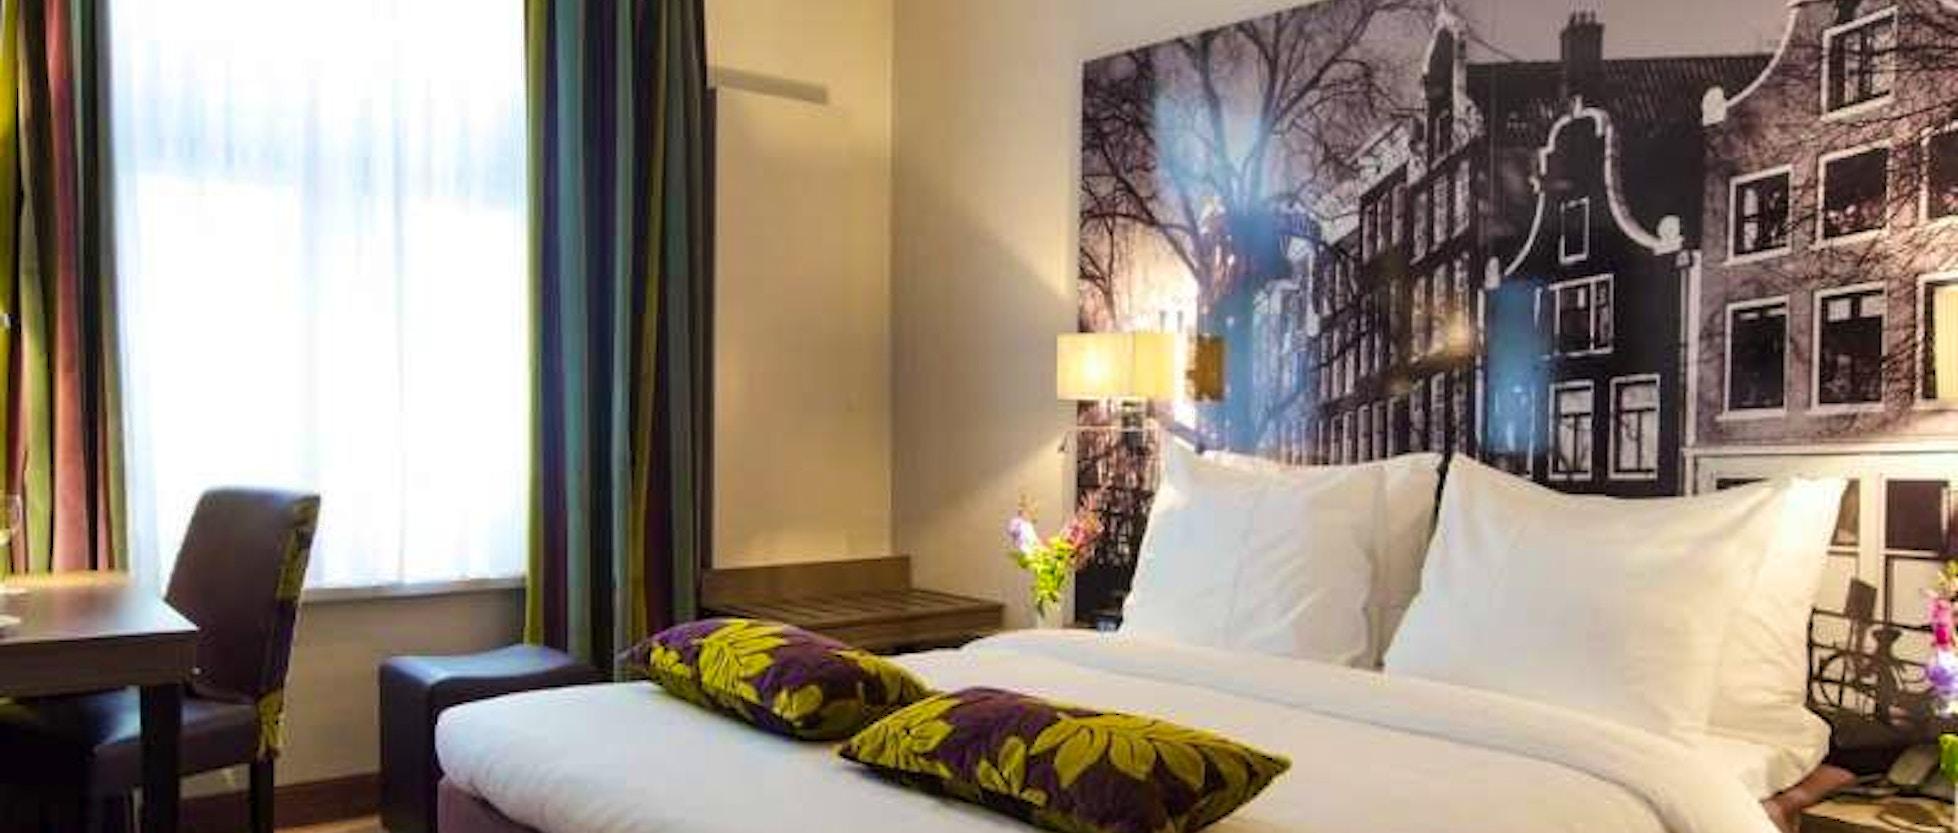 12 Hotel nel Red Light District: Dormire ad Amsterdam centro